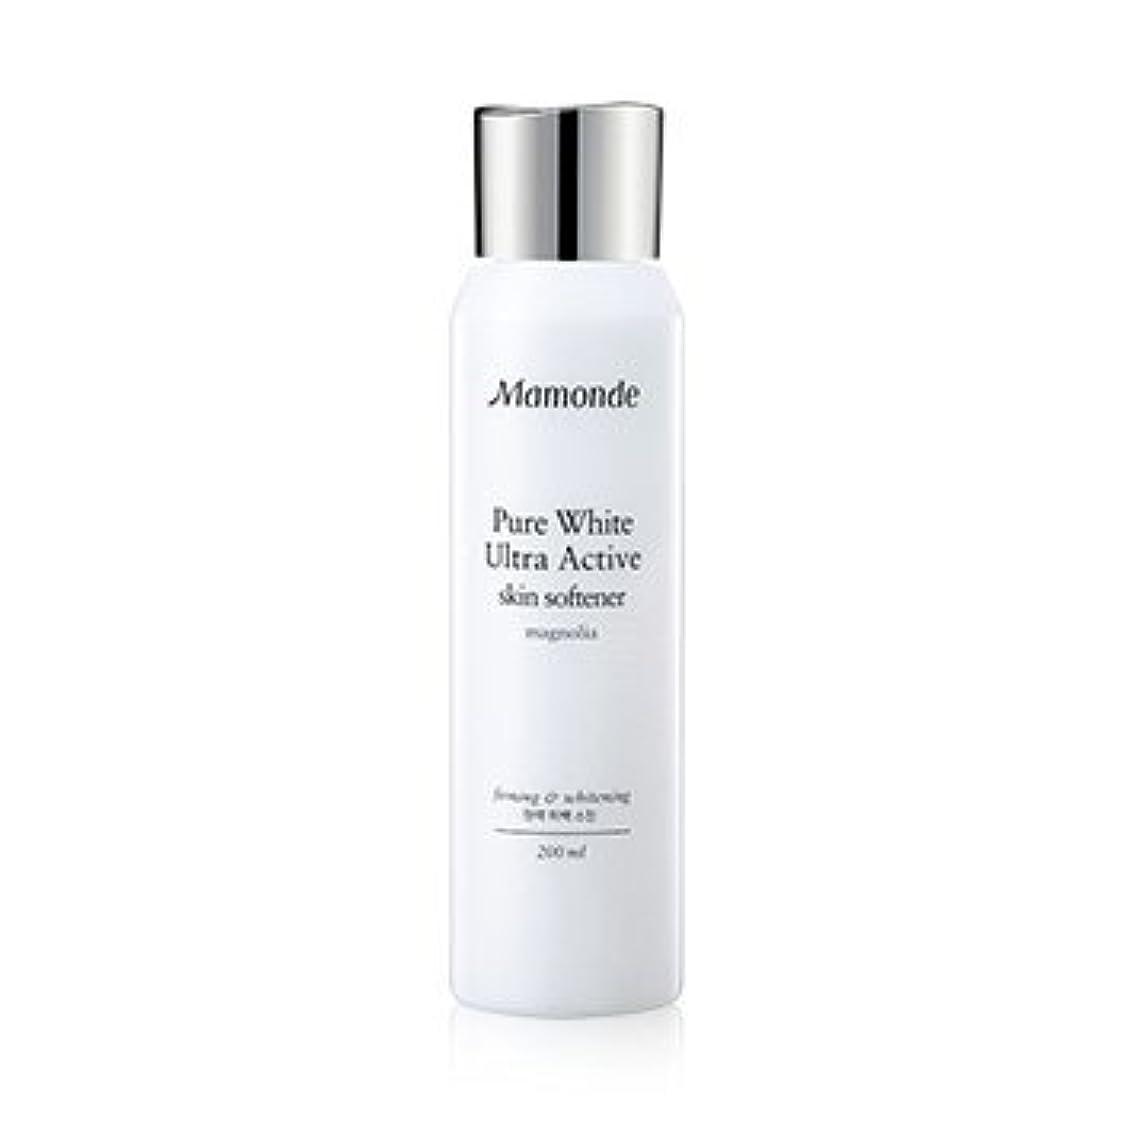 誇張苦情文句ラブMamonde Pure White Ultra Active Skin Softener 200ml/マモンド ピュア ホワイト ウルトラ アクティブ スキン ソフナー 200ml [並行輸入品]